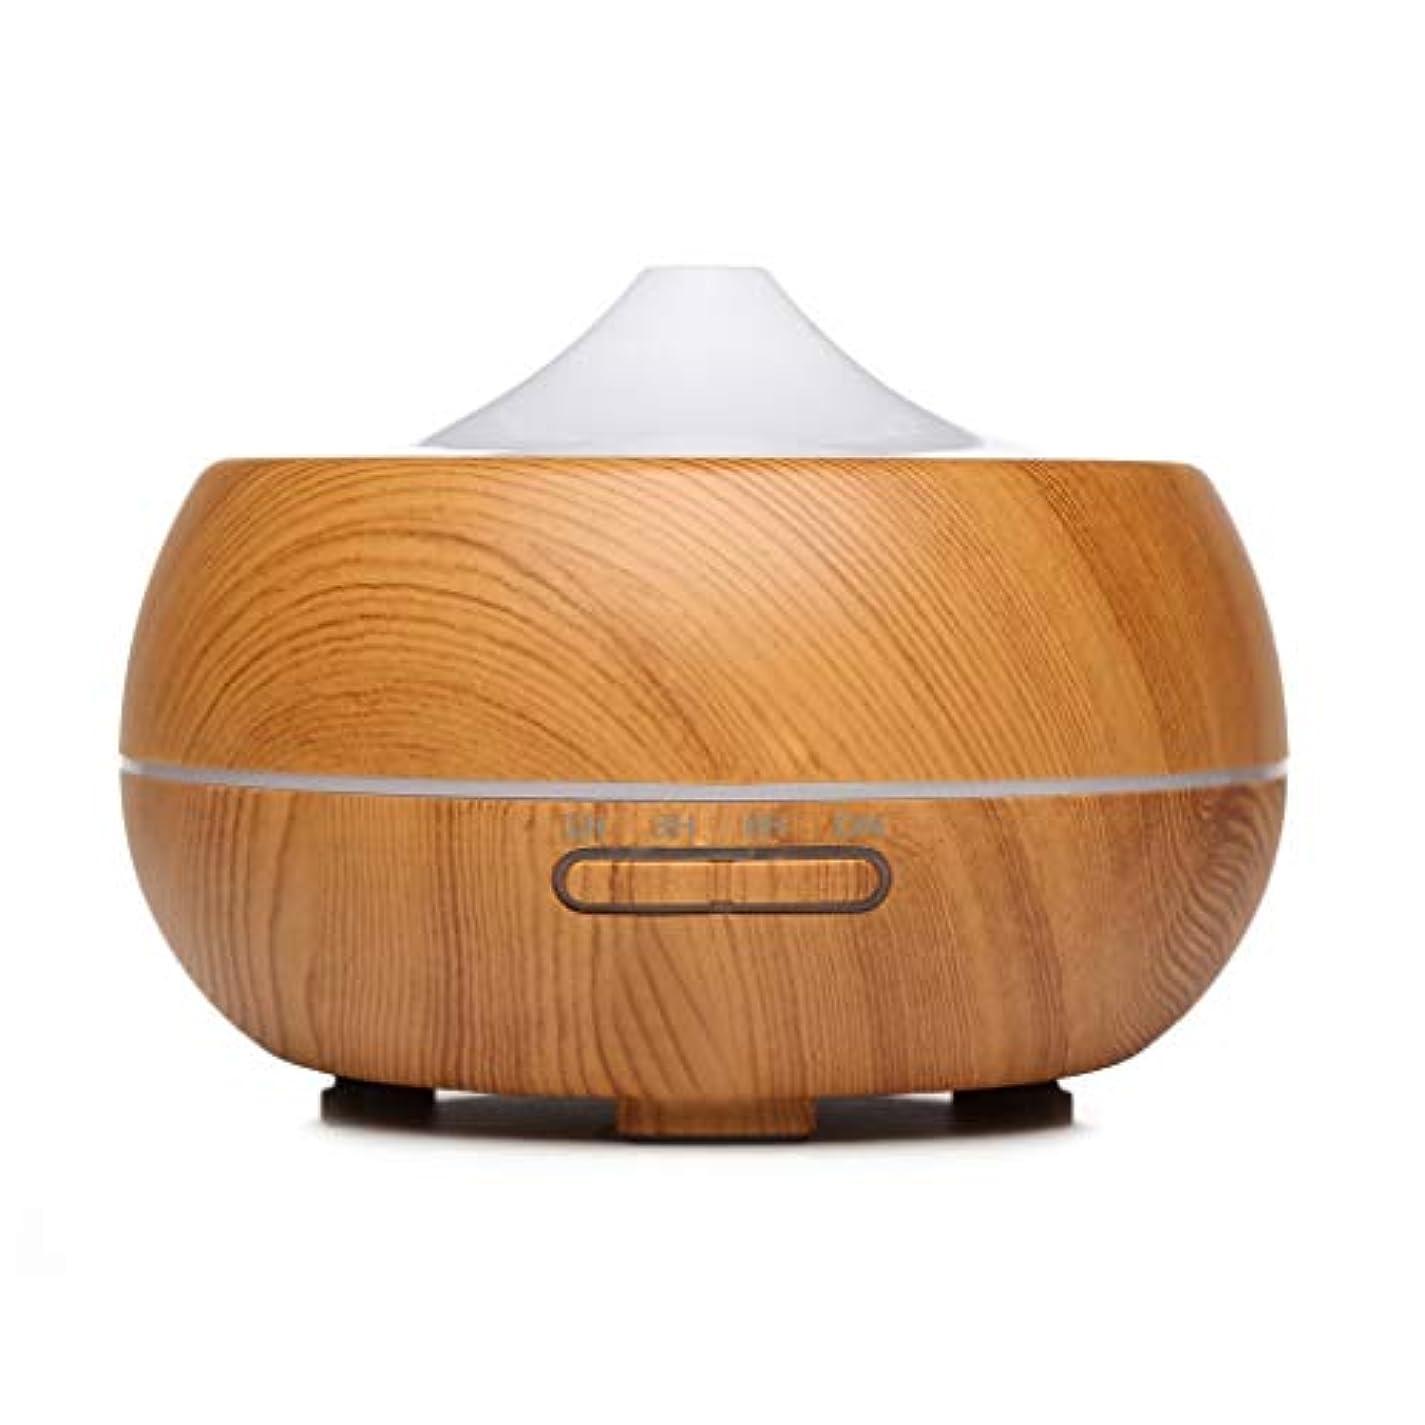 大学院ワーカー対立300ミリリットルクールミスト加湿器超音波不可欠ディフューザー用オフィスホームベッドルームリビングルーム研究ヨガスパ、木目 (Color : Light wood grain)